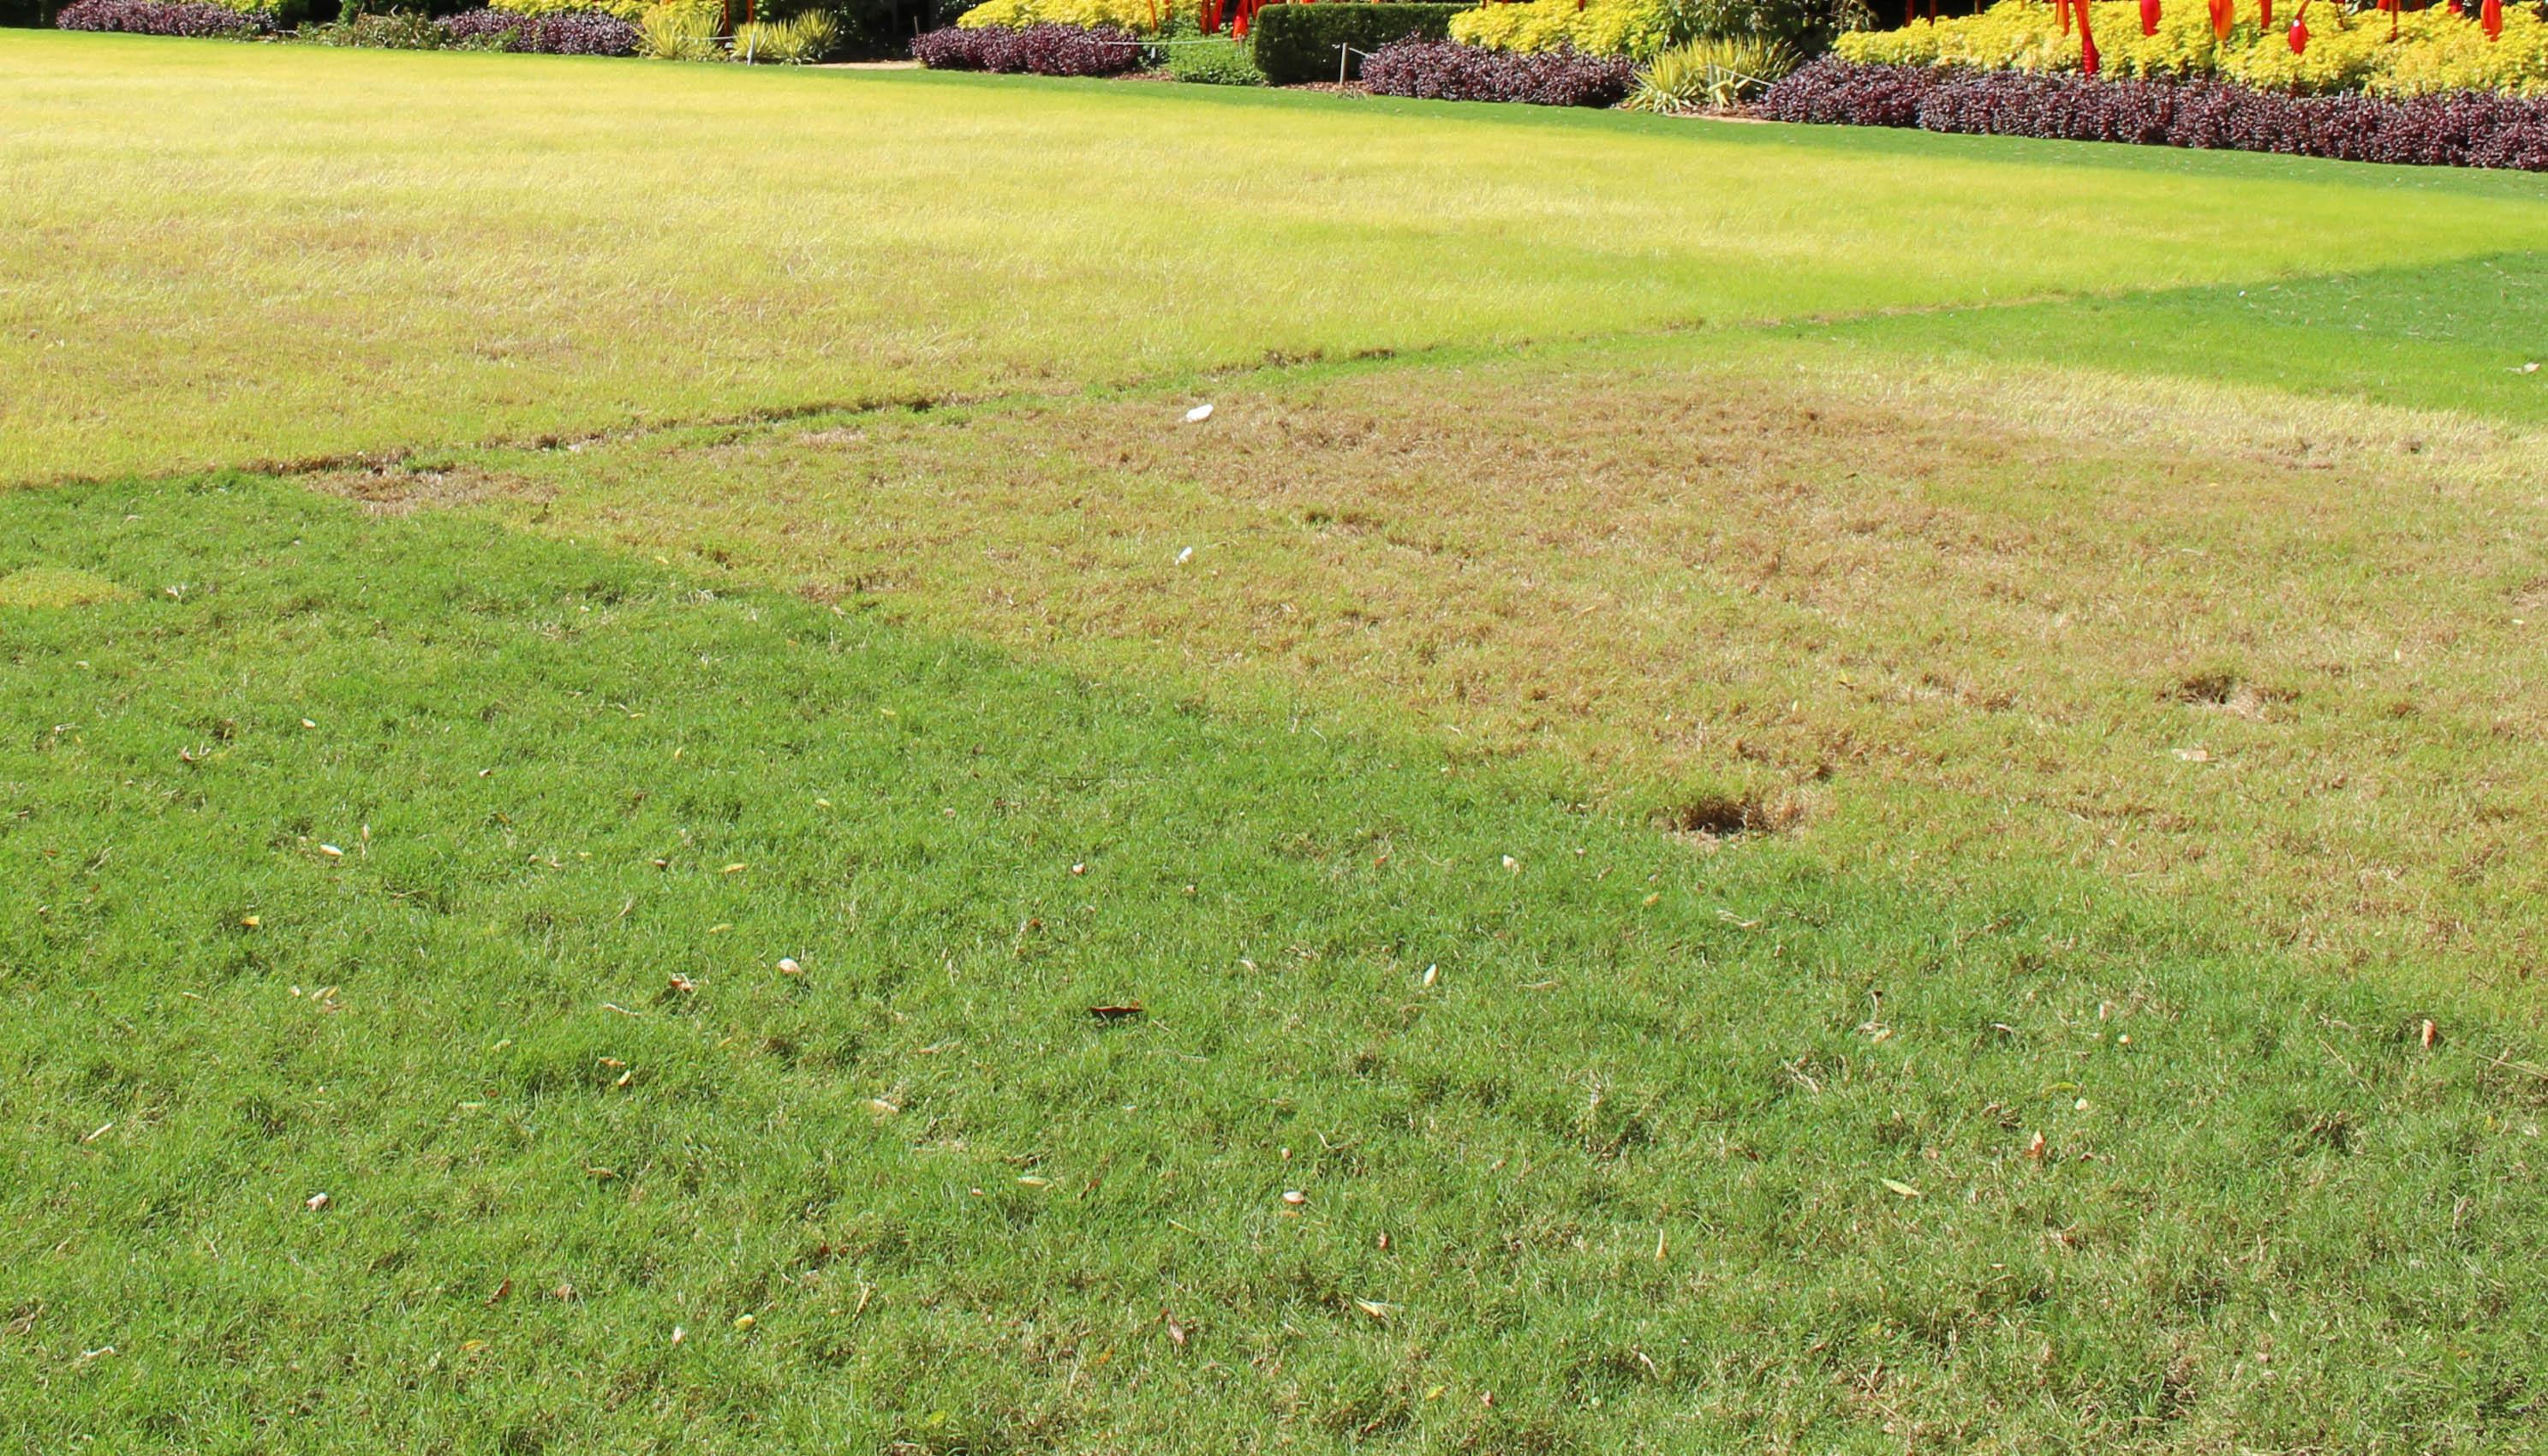 grass_under_tent.jpg